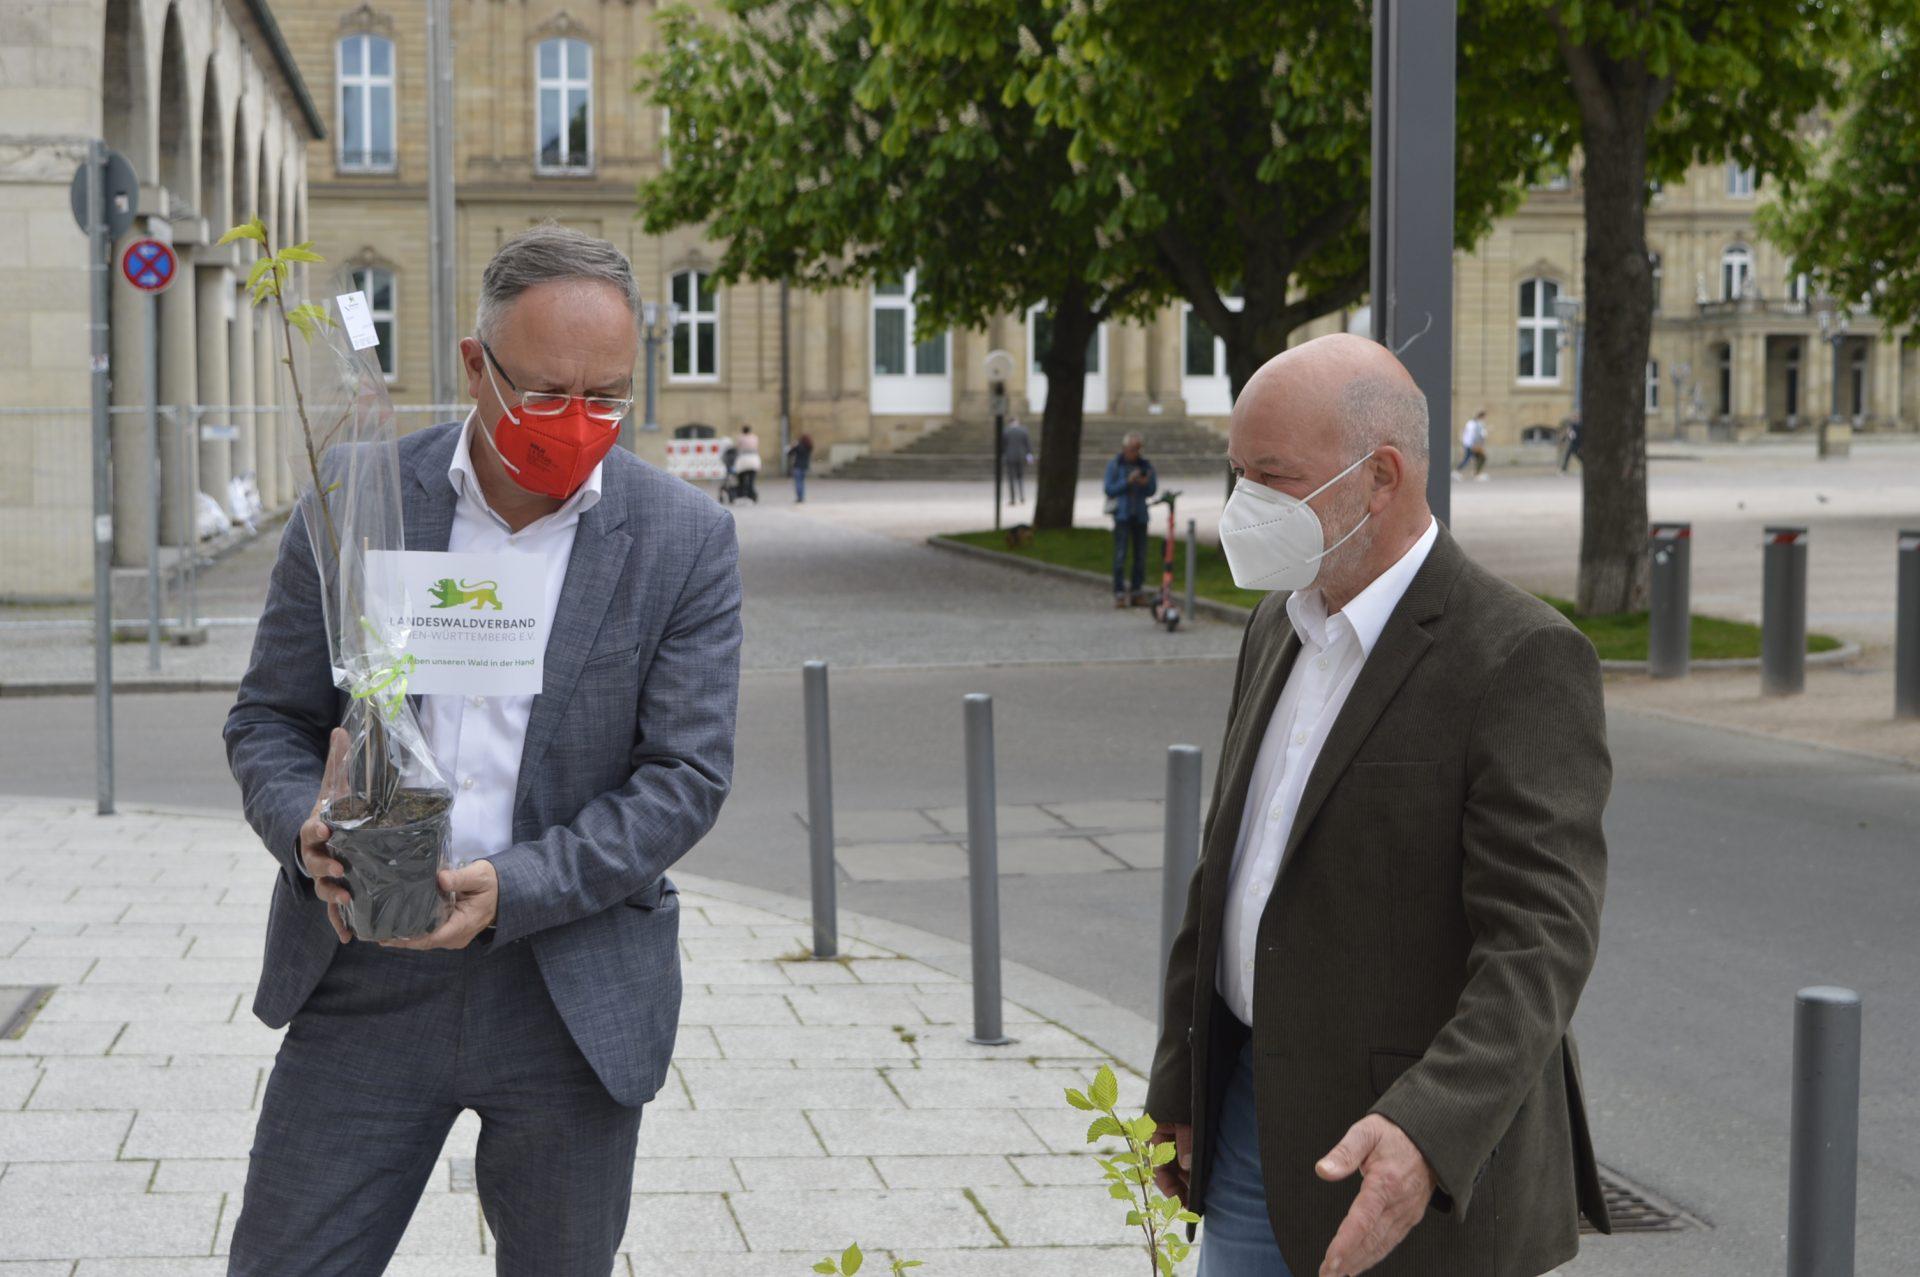 LWV Setzling Stoch SPD